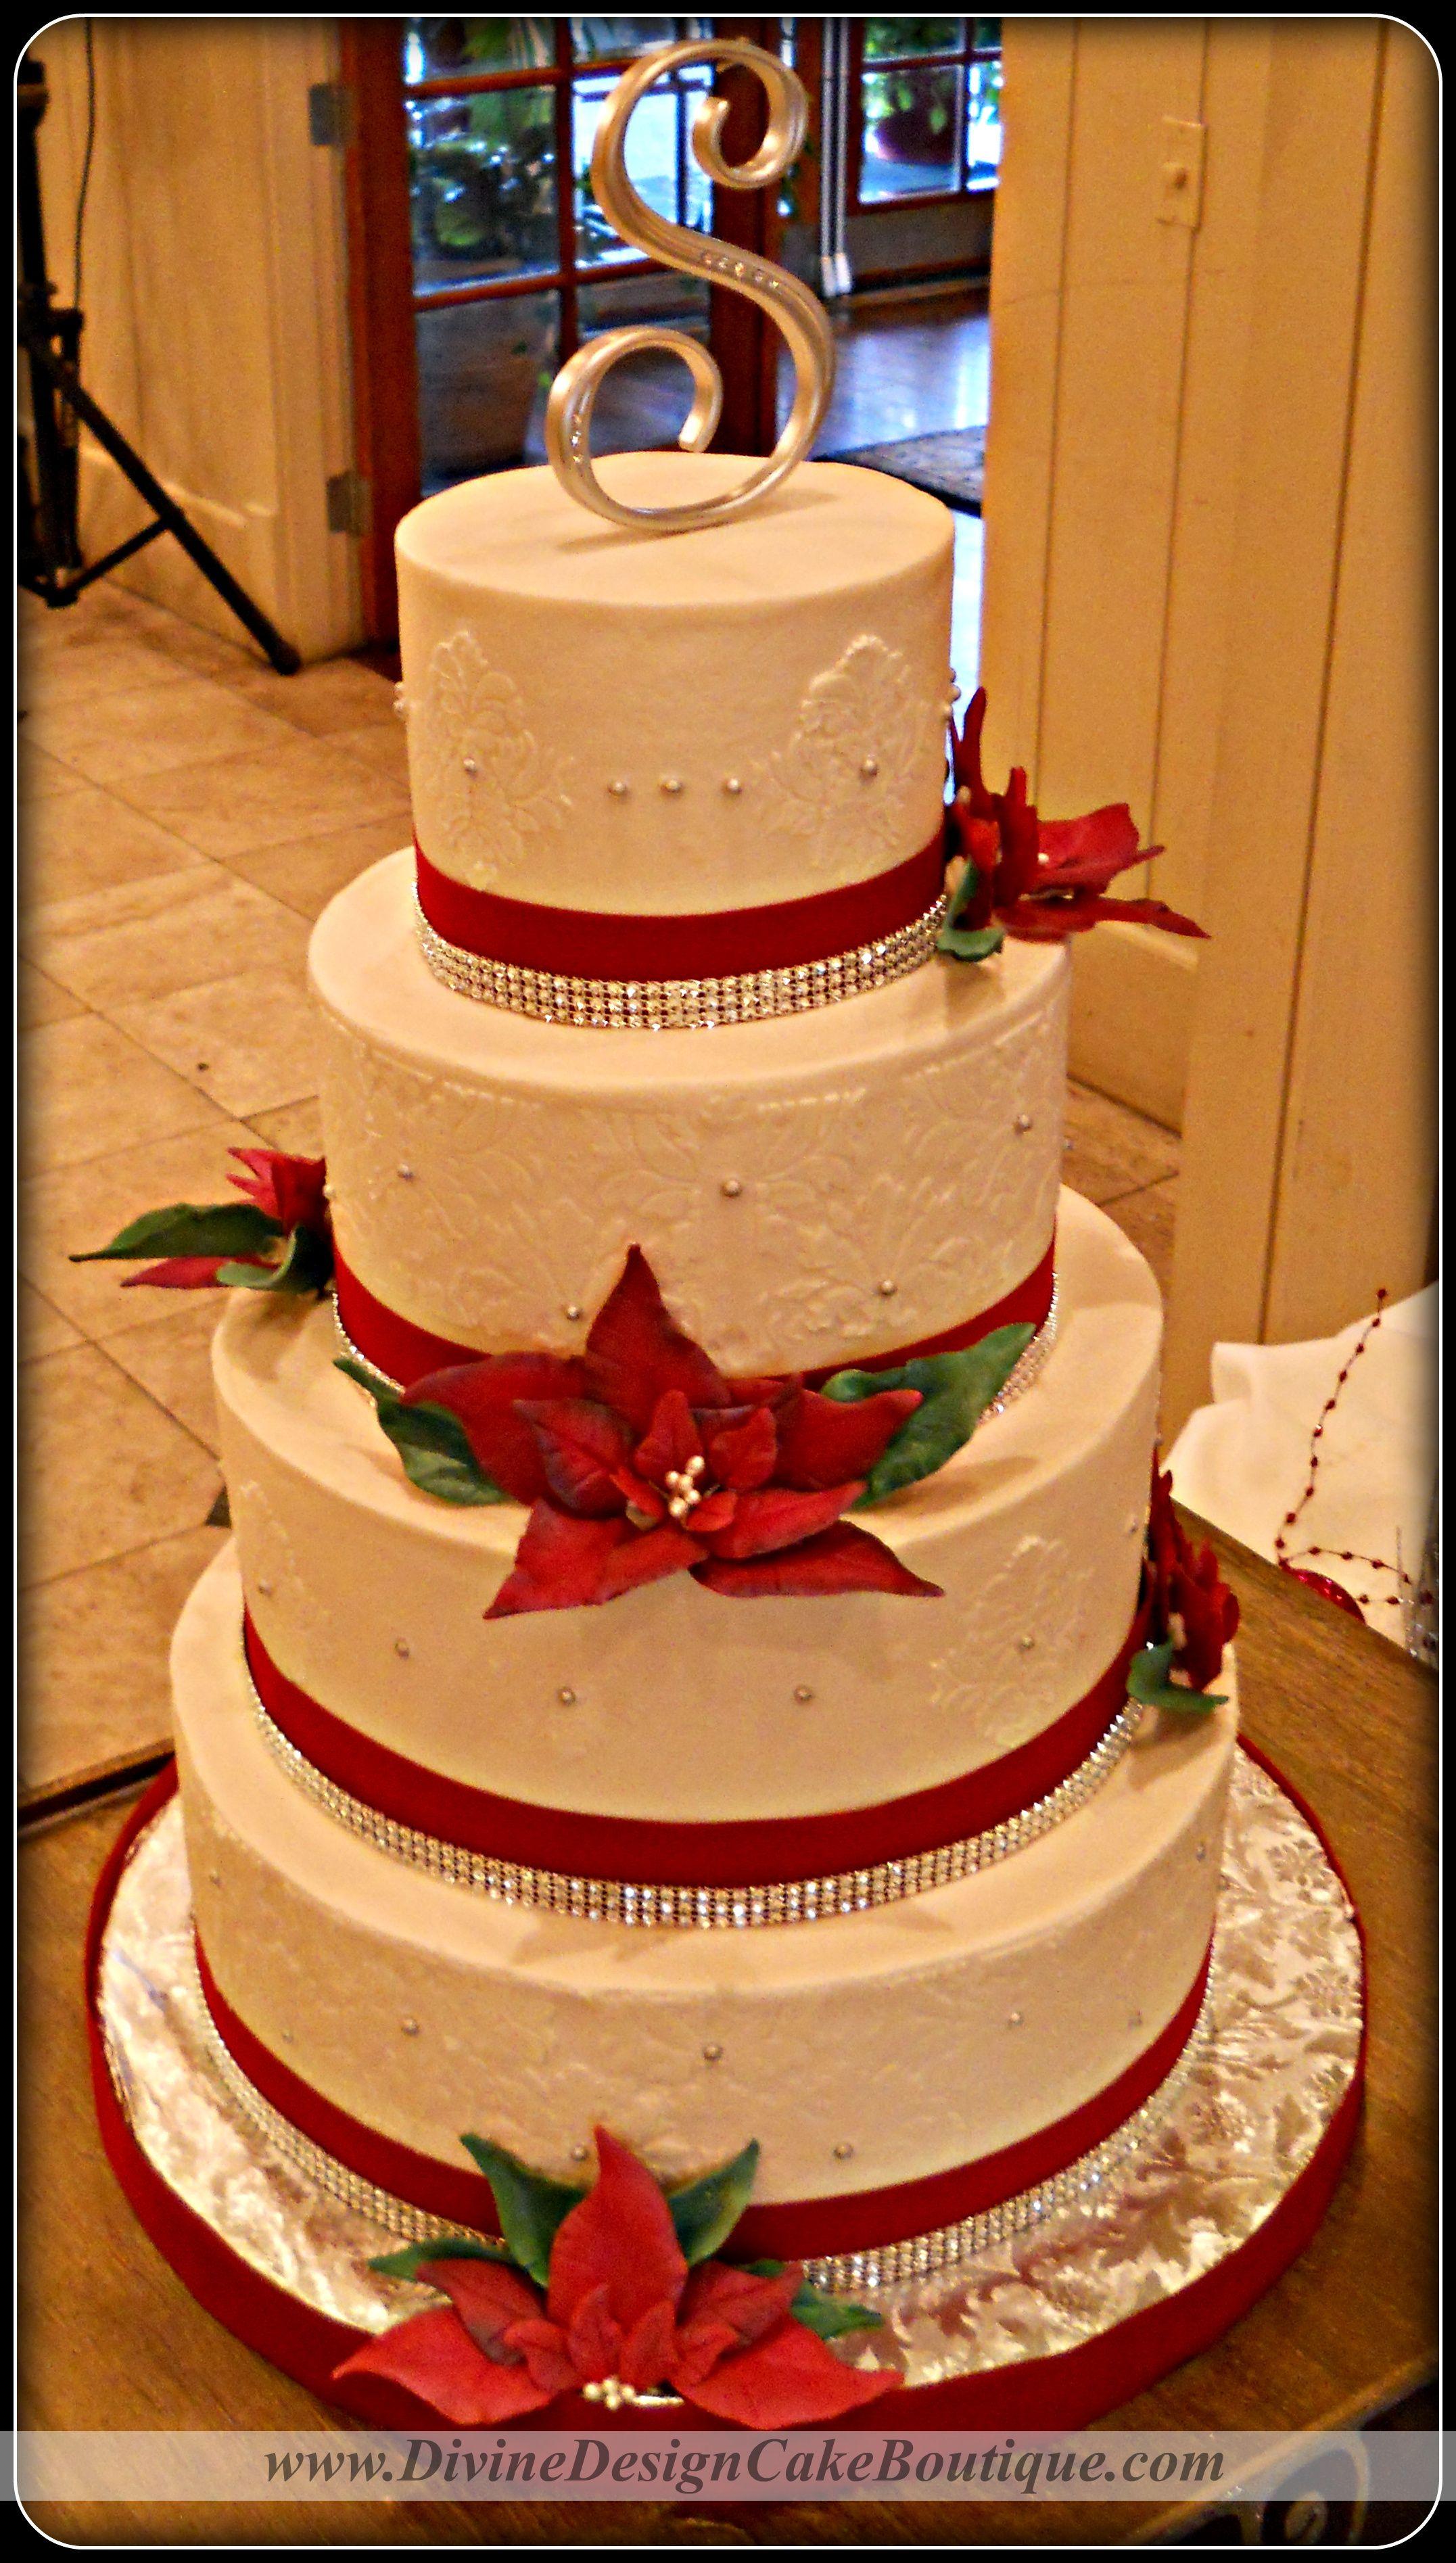 Maroon and white wedding decor  Christmas Wedding Cake  F  Cake Decorating Community  Cakes